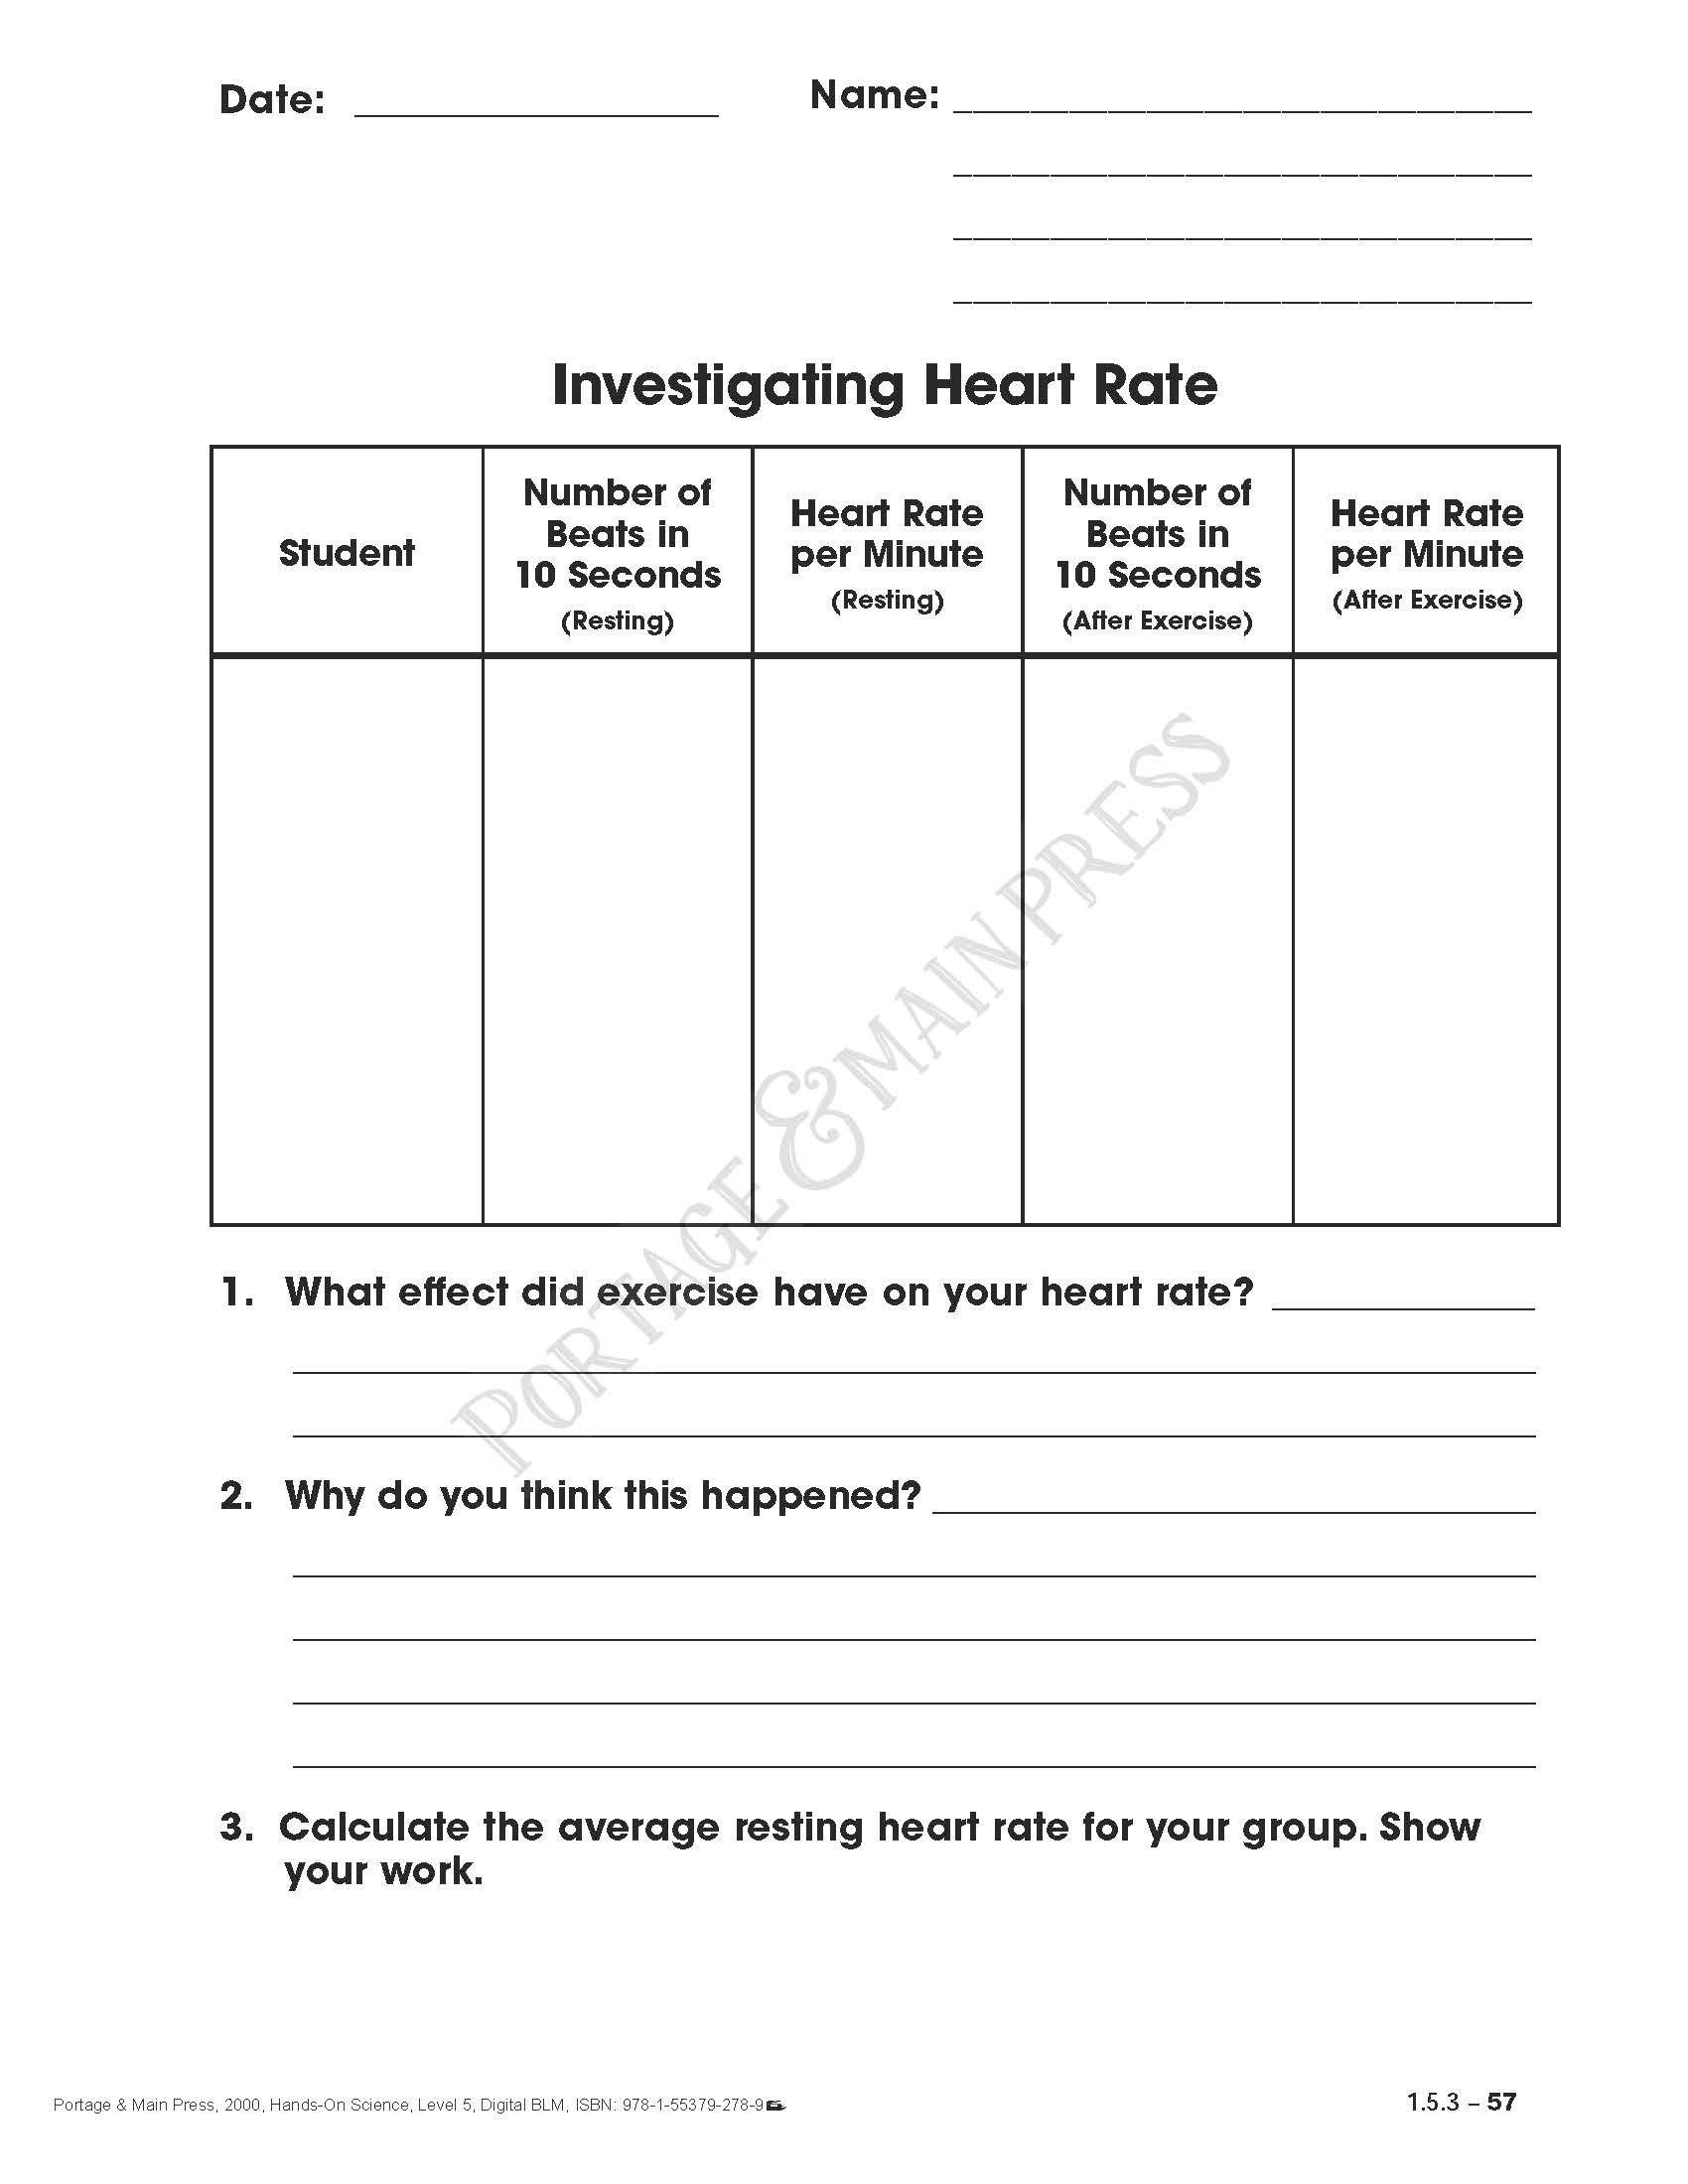 Grade 5 Science Heart Rate Activity Sheet Teaching Pinterest